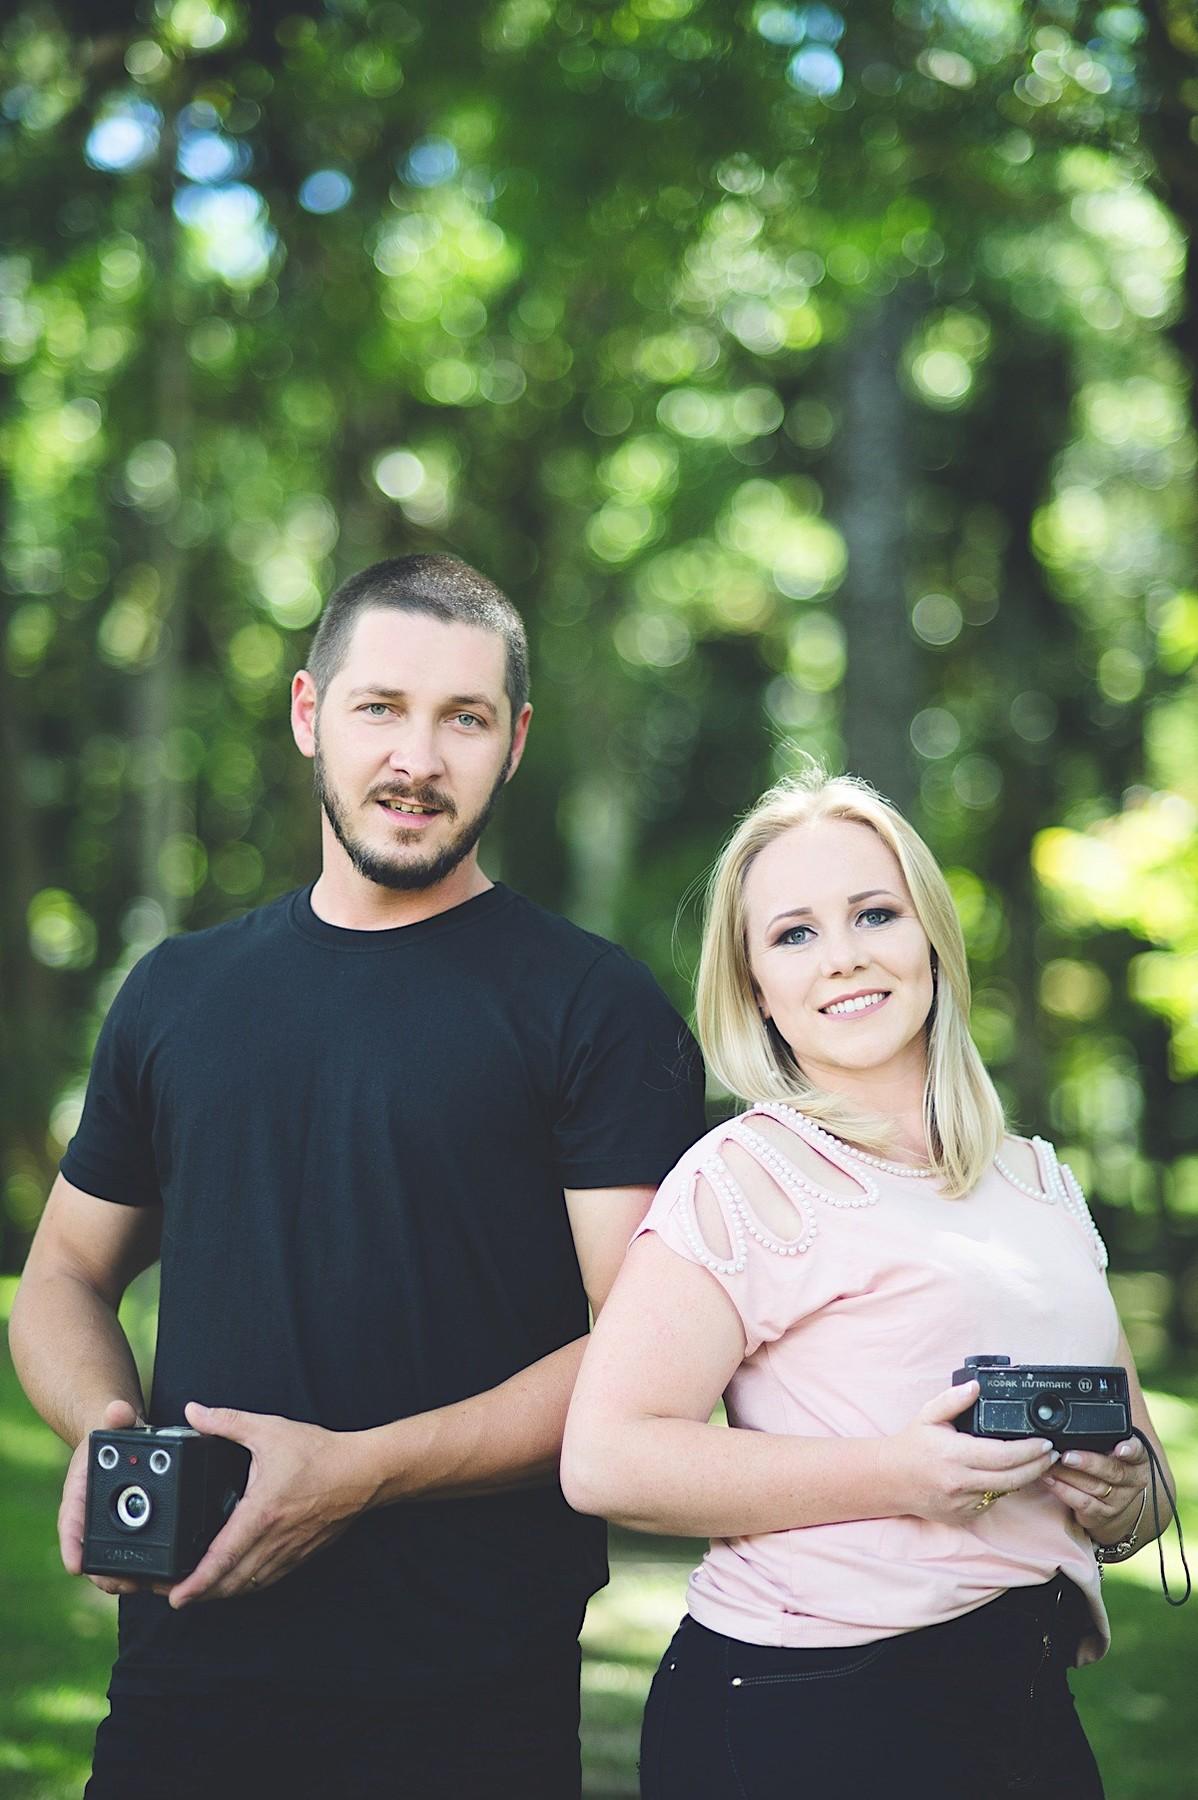 ensaio casal - pati - patricia ws - fotografias ws - fotografia - fotógrafo são bento do sul - chroma fotografia